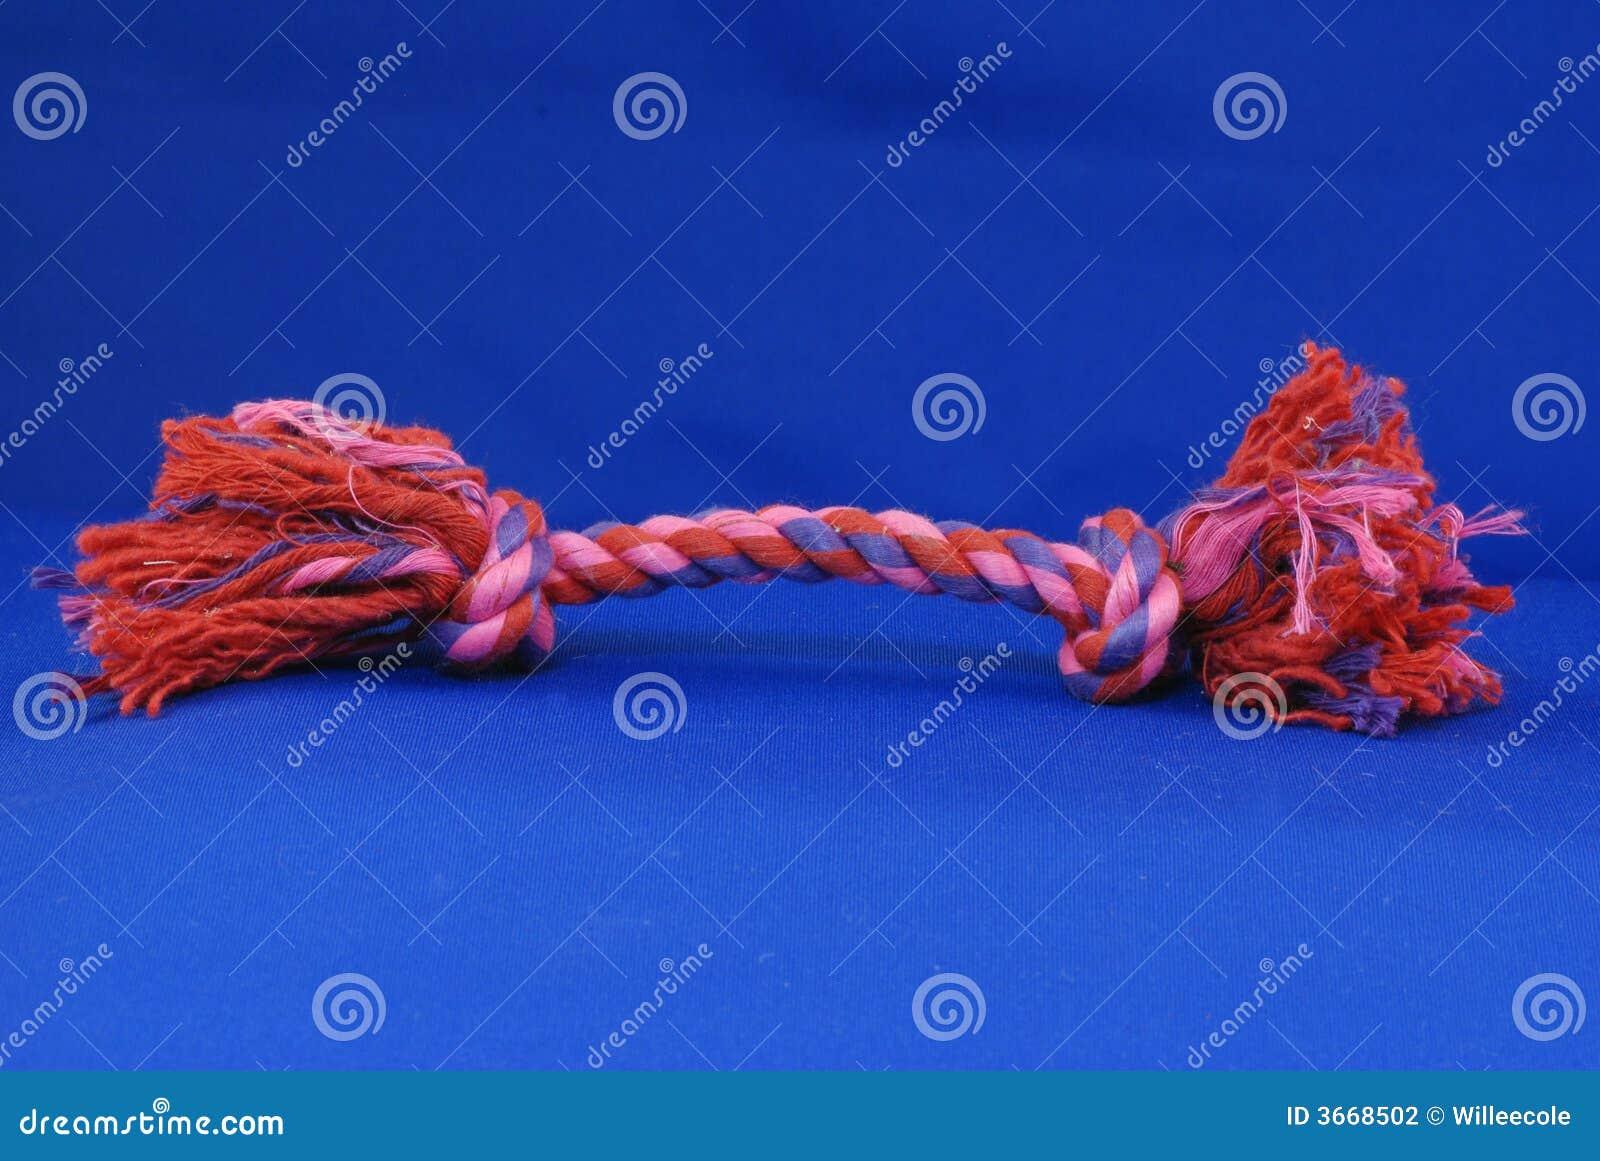 Jouet de corde de traction subite de crabot